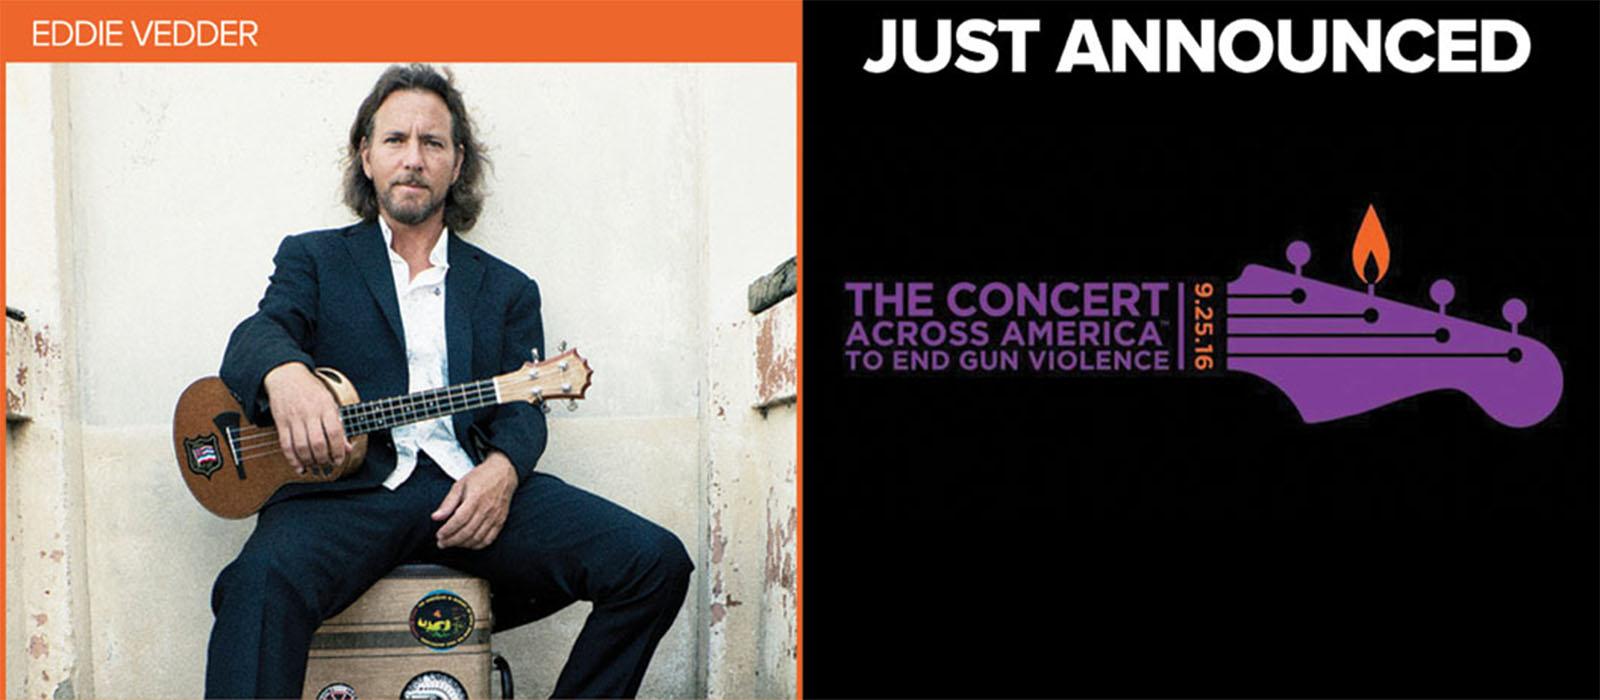 Pearl Jam - Eddie Vedder Joins Concert Across America to End Gun